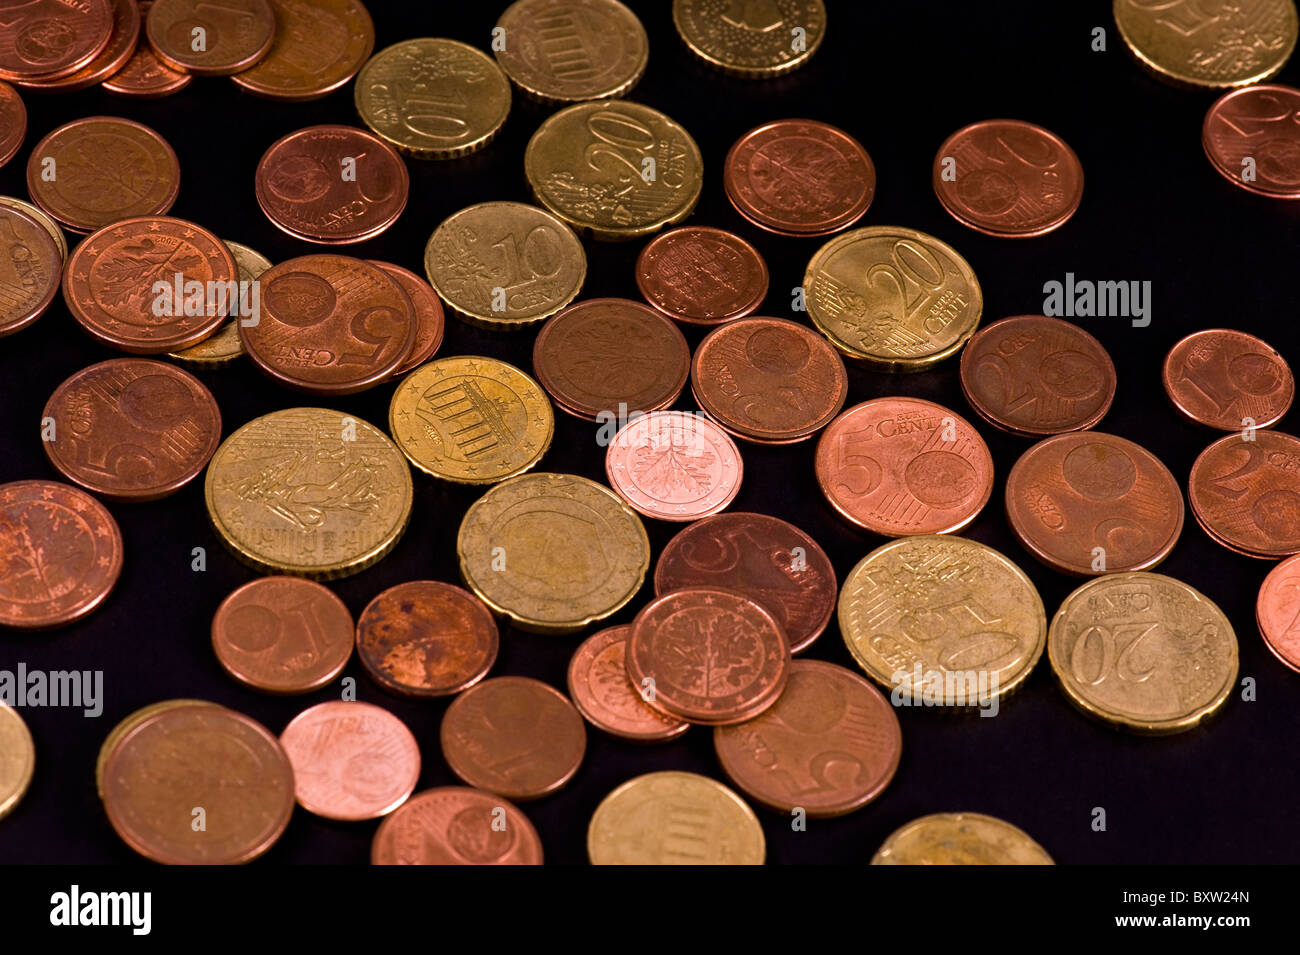 Euros on black Background - Stock Image